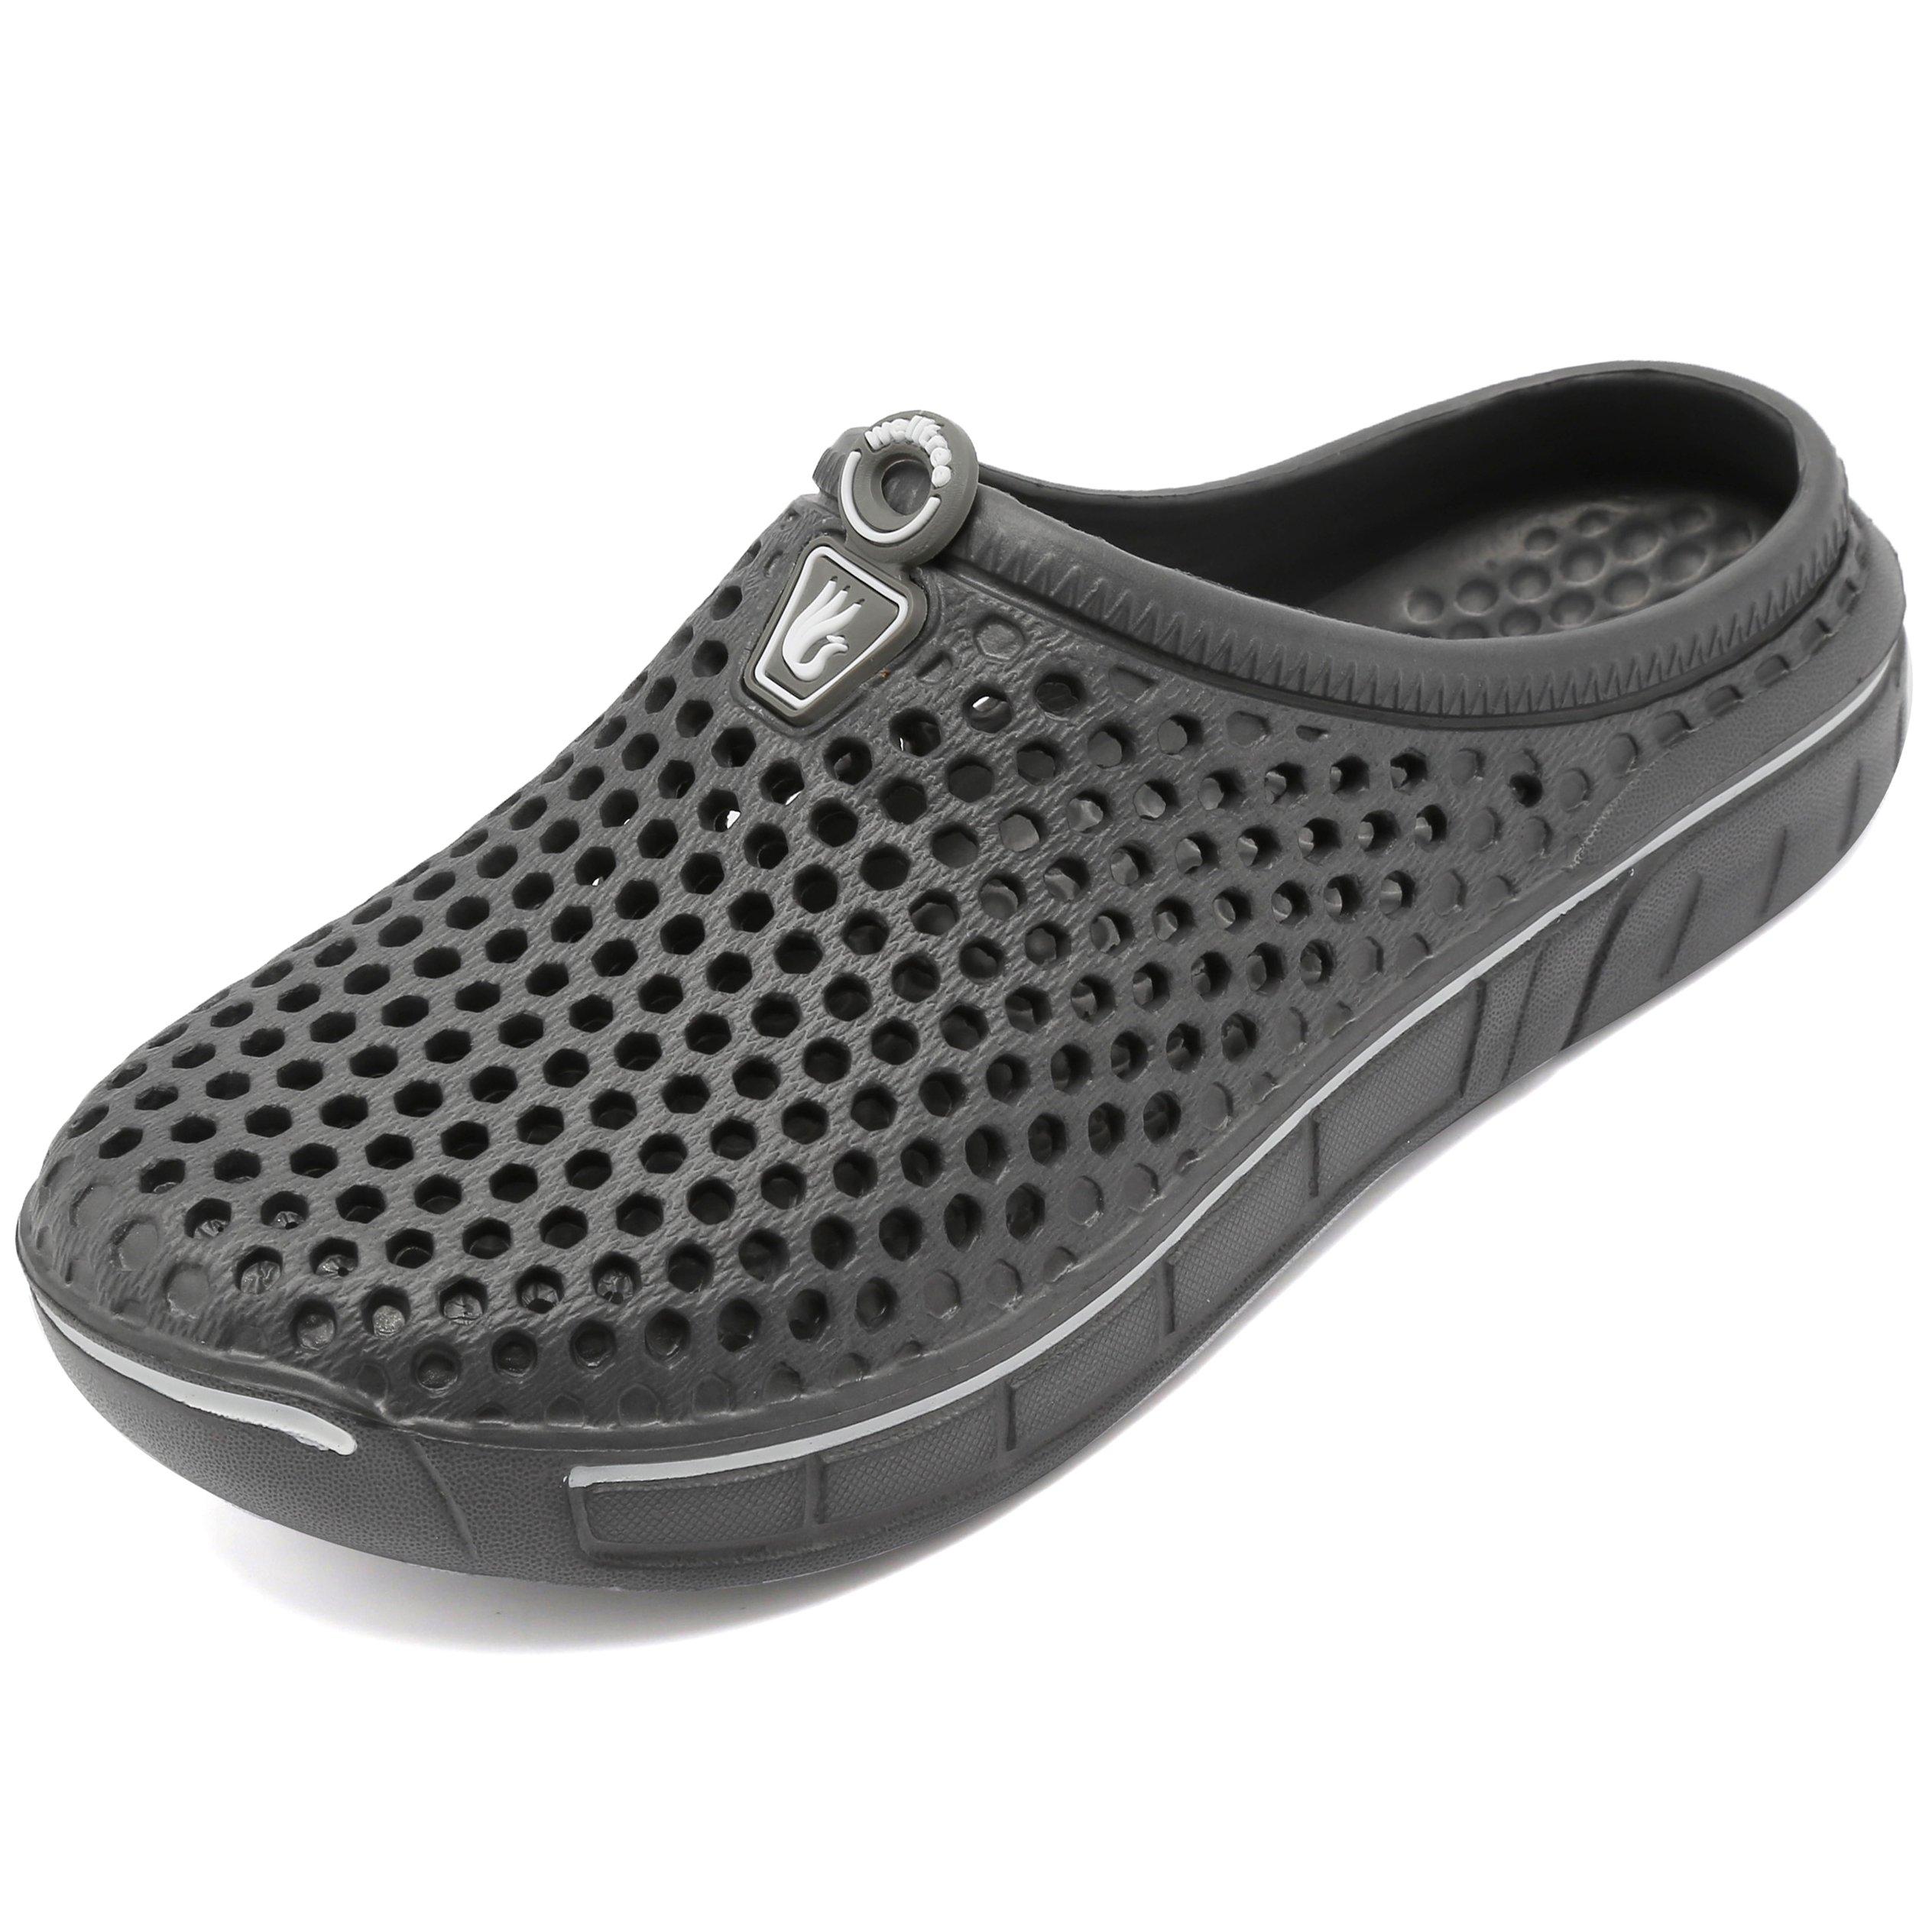 welltree Unisex Women's Men's Garden Clog Shoes Quick Drying Slippers Sandals 11 US Men/13 US Women Grey-2/45